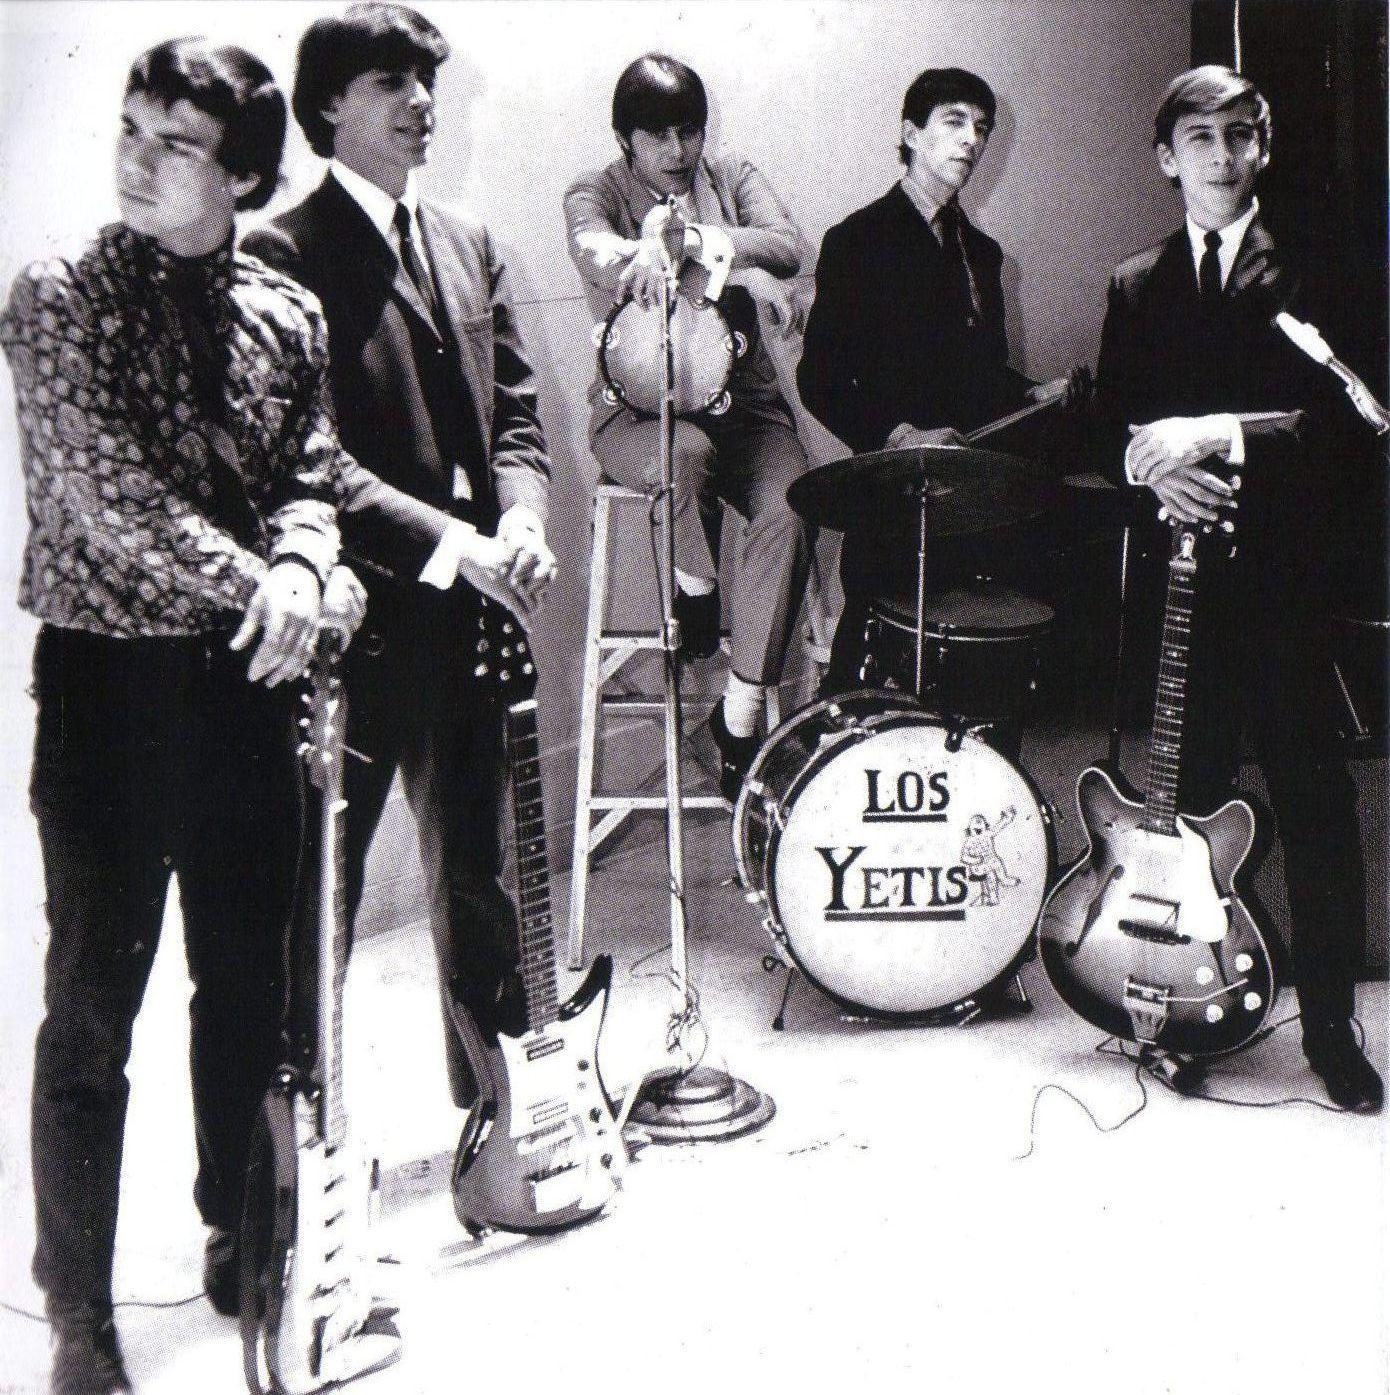 Los Yetis